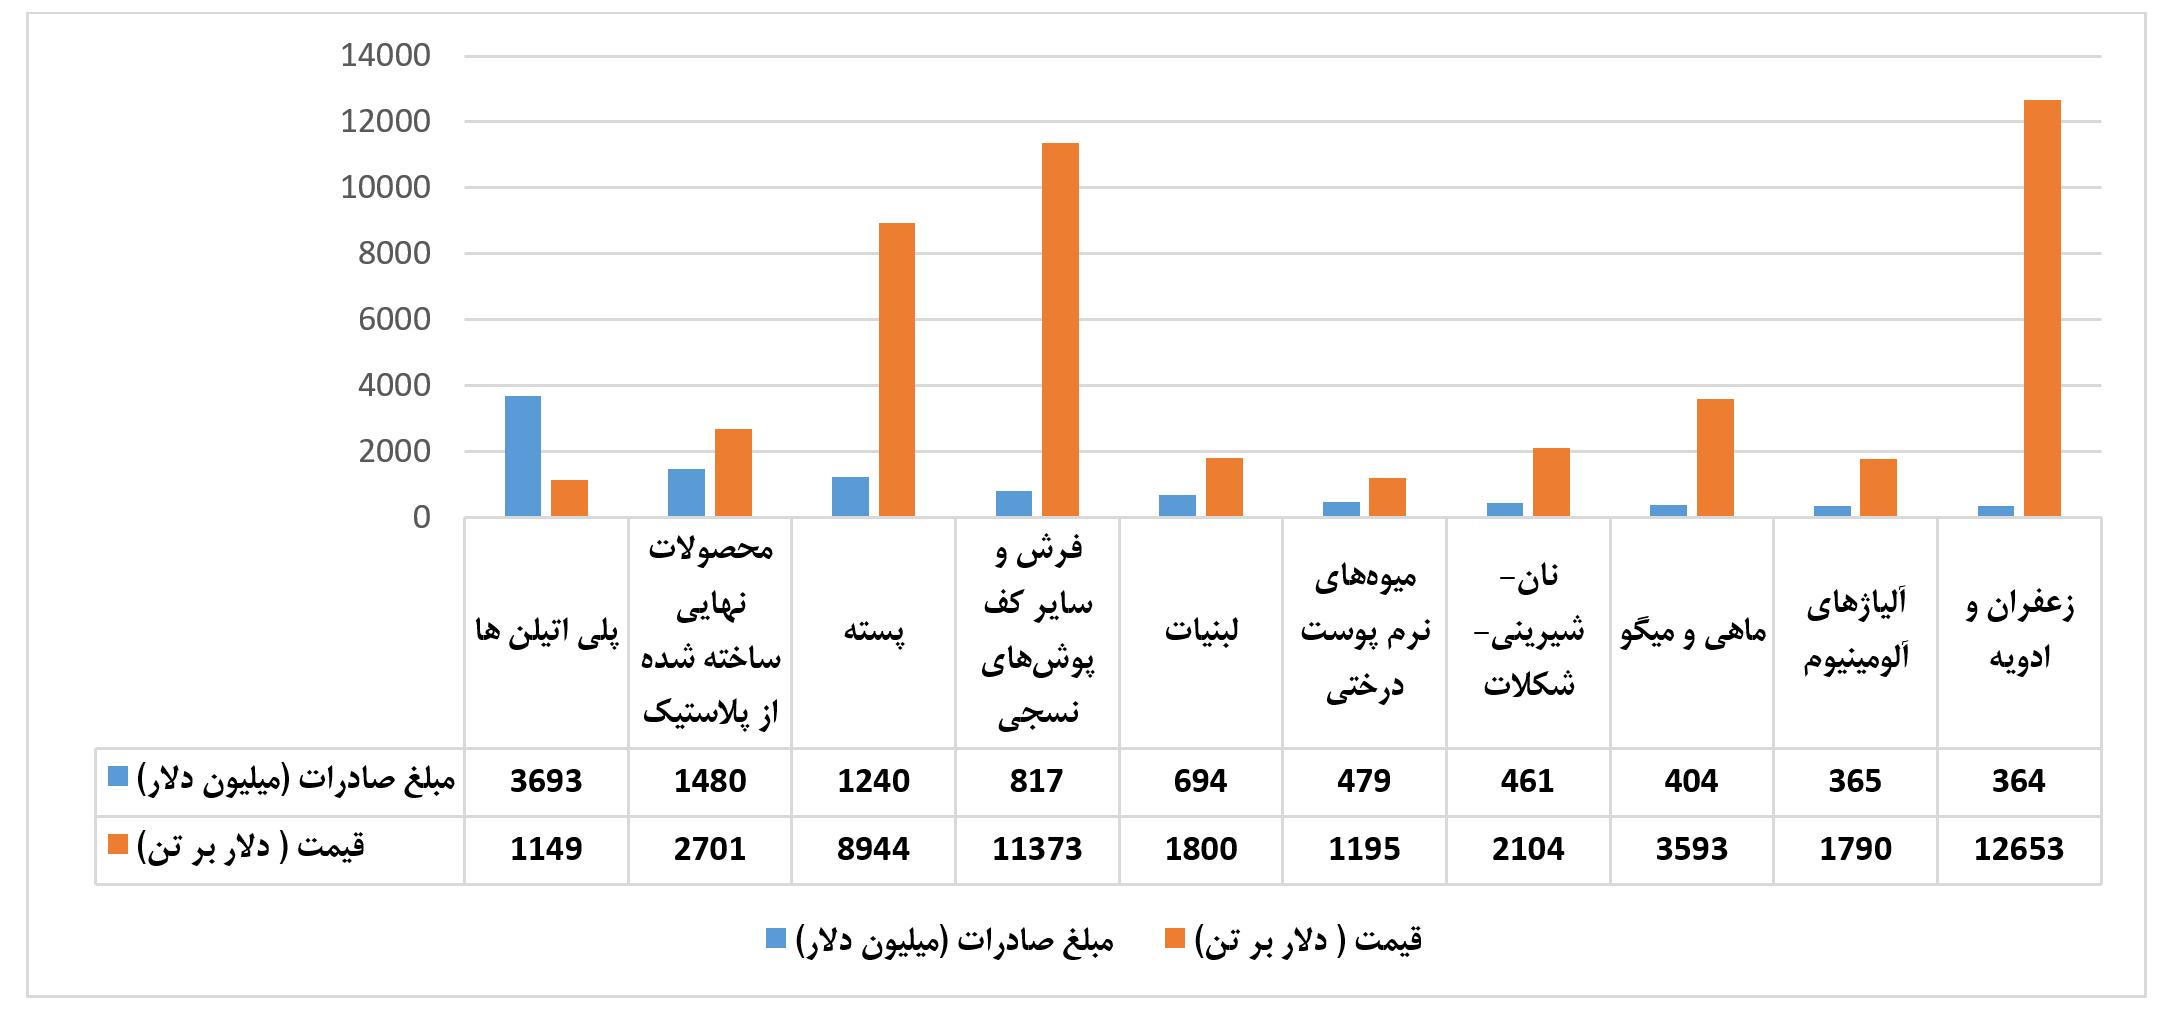 تجارت دوجانبه ایران و ترکیه نمودار دوم - حذف محدودیتهای وزنی اولویت اصلاح تجارت دوجانبه ایران و ترکیه